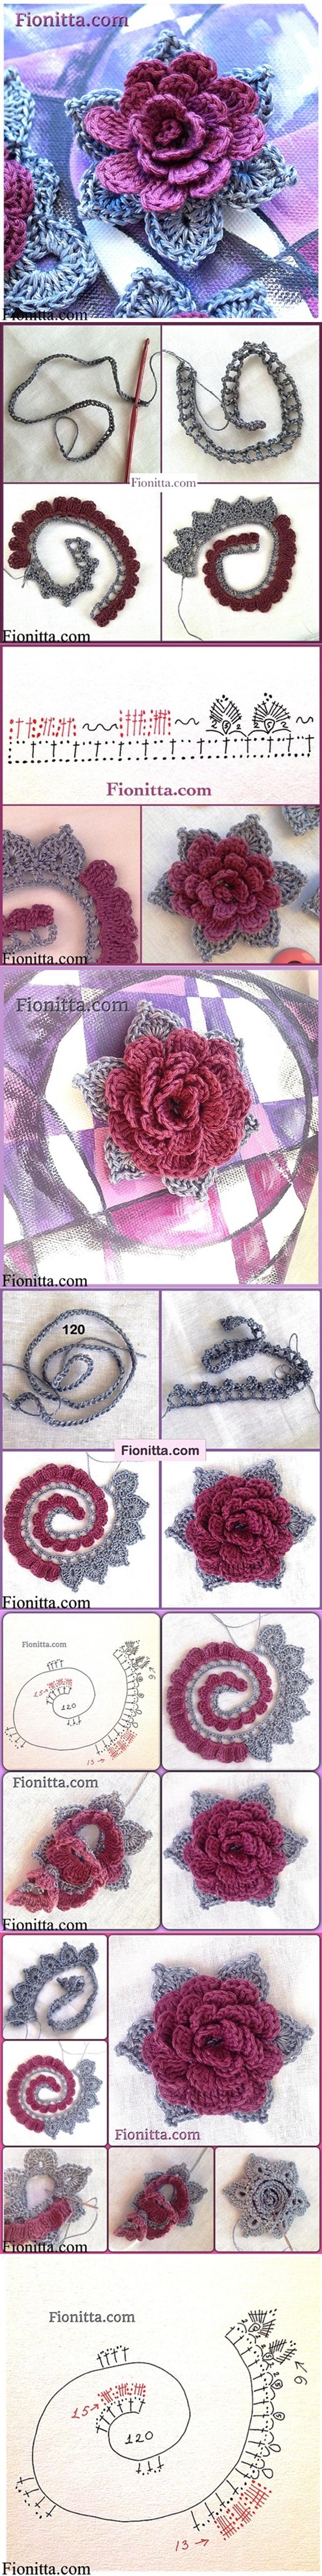 crochet rose-3